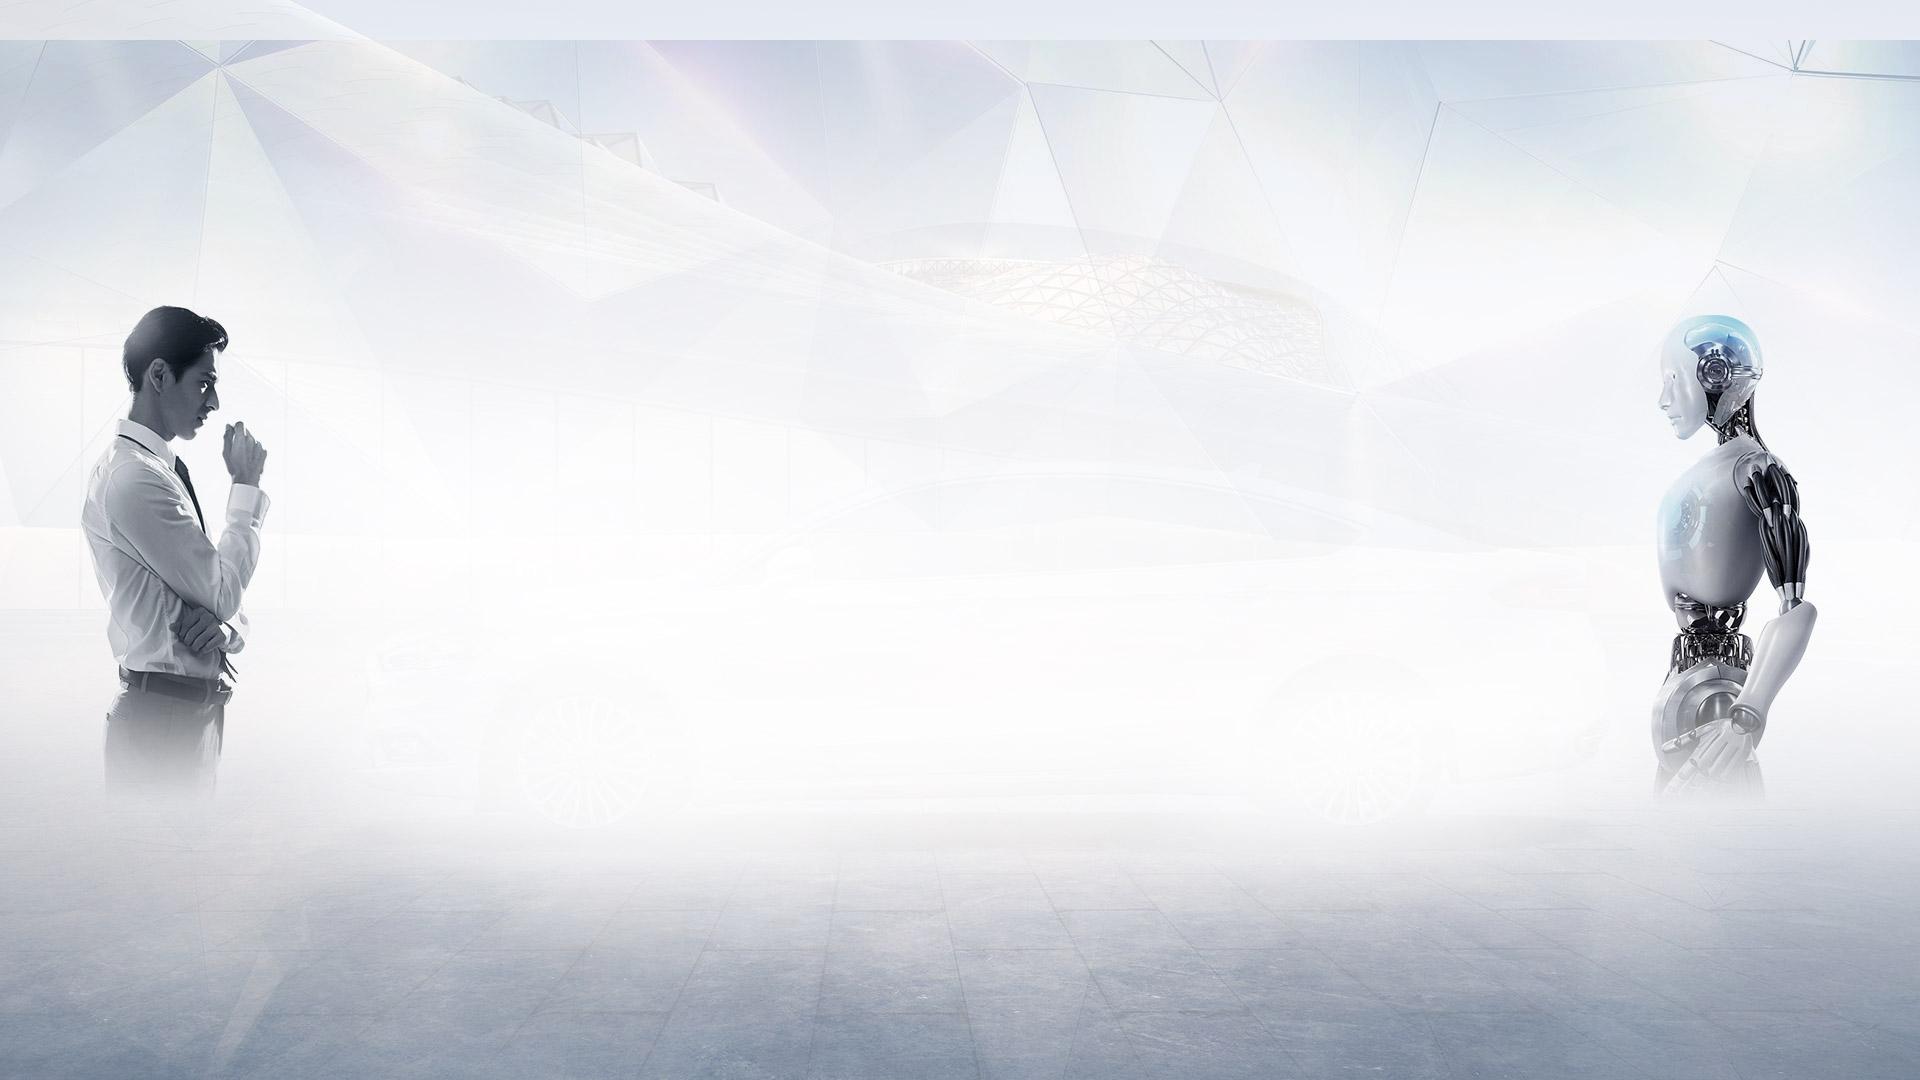 浅色usb背景图片素材